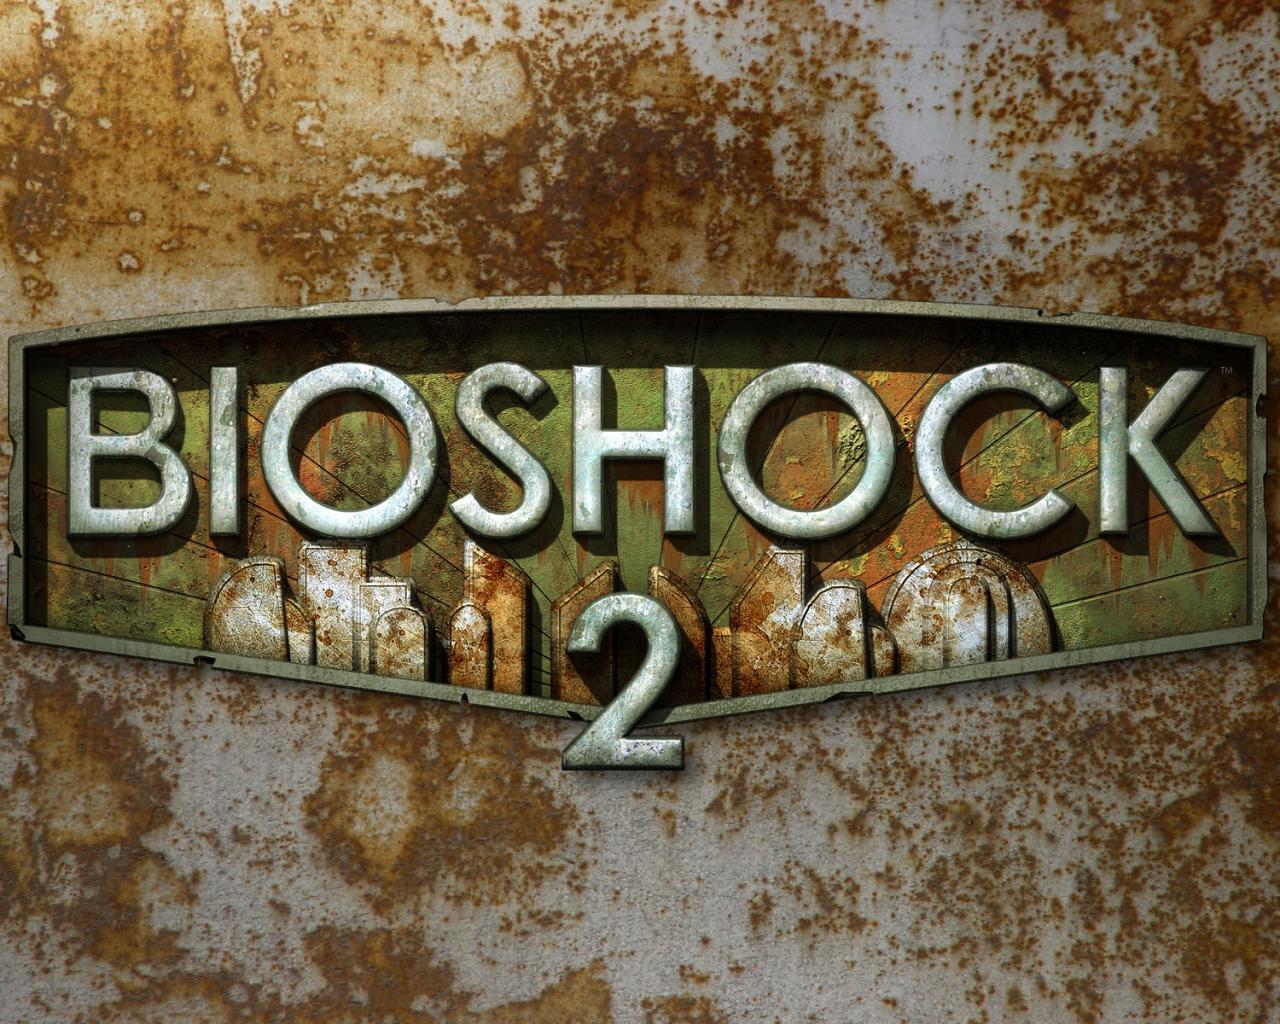 И так,здравствуйте друзья. В связи с выходом третий части замечательной игры Bioshock решил пройти всю трилогию,поск ... - Изображение 1